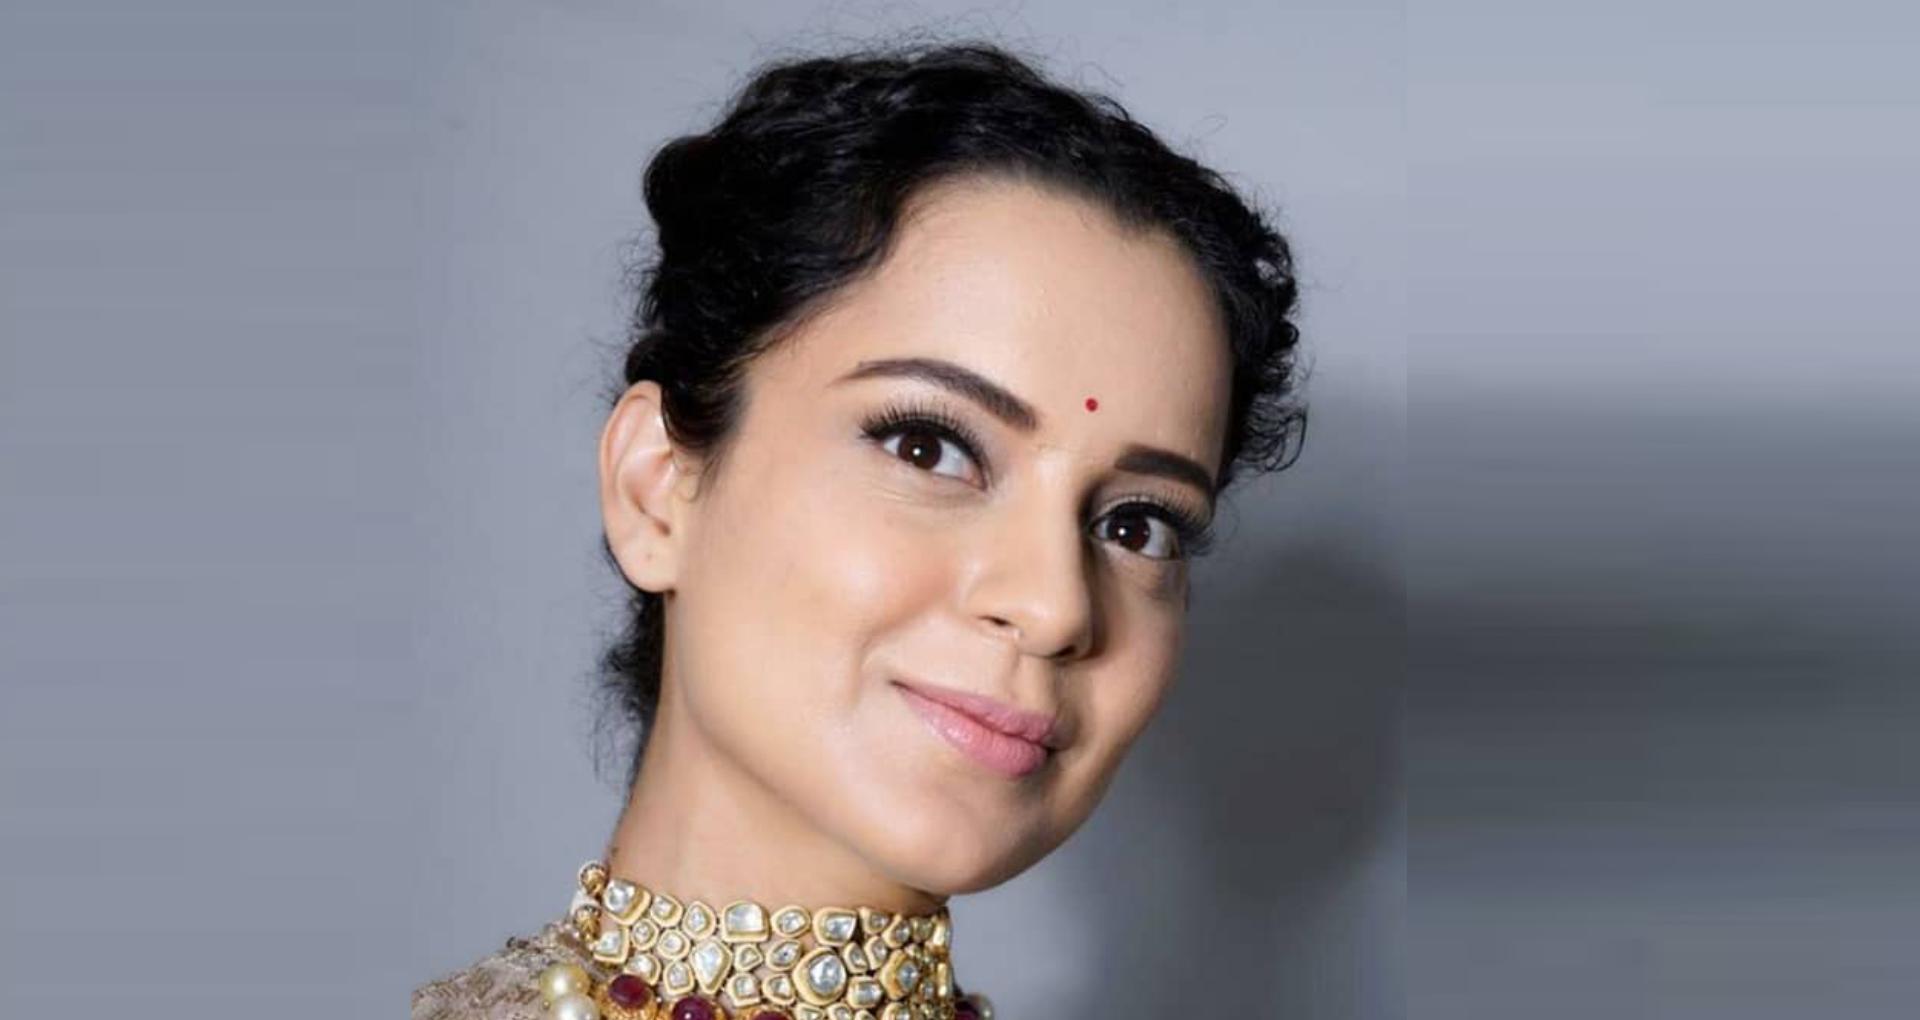 जयललिता की बायोपिक के लिए तमिल सीखेंगी कंगना रनौत, बताई इस फिल्म को चुनने की वजह